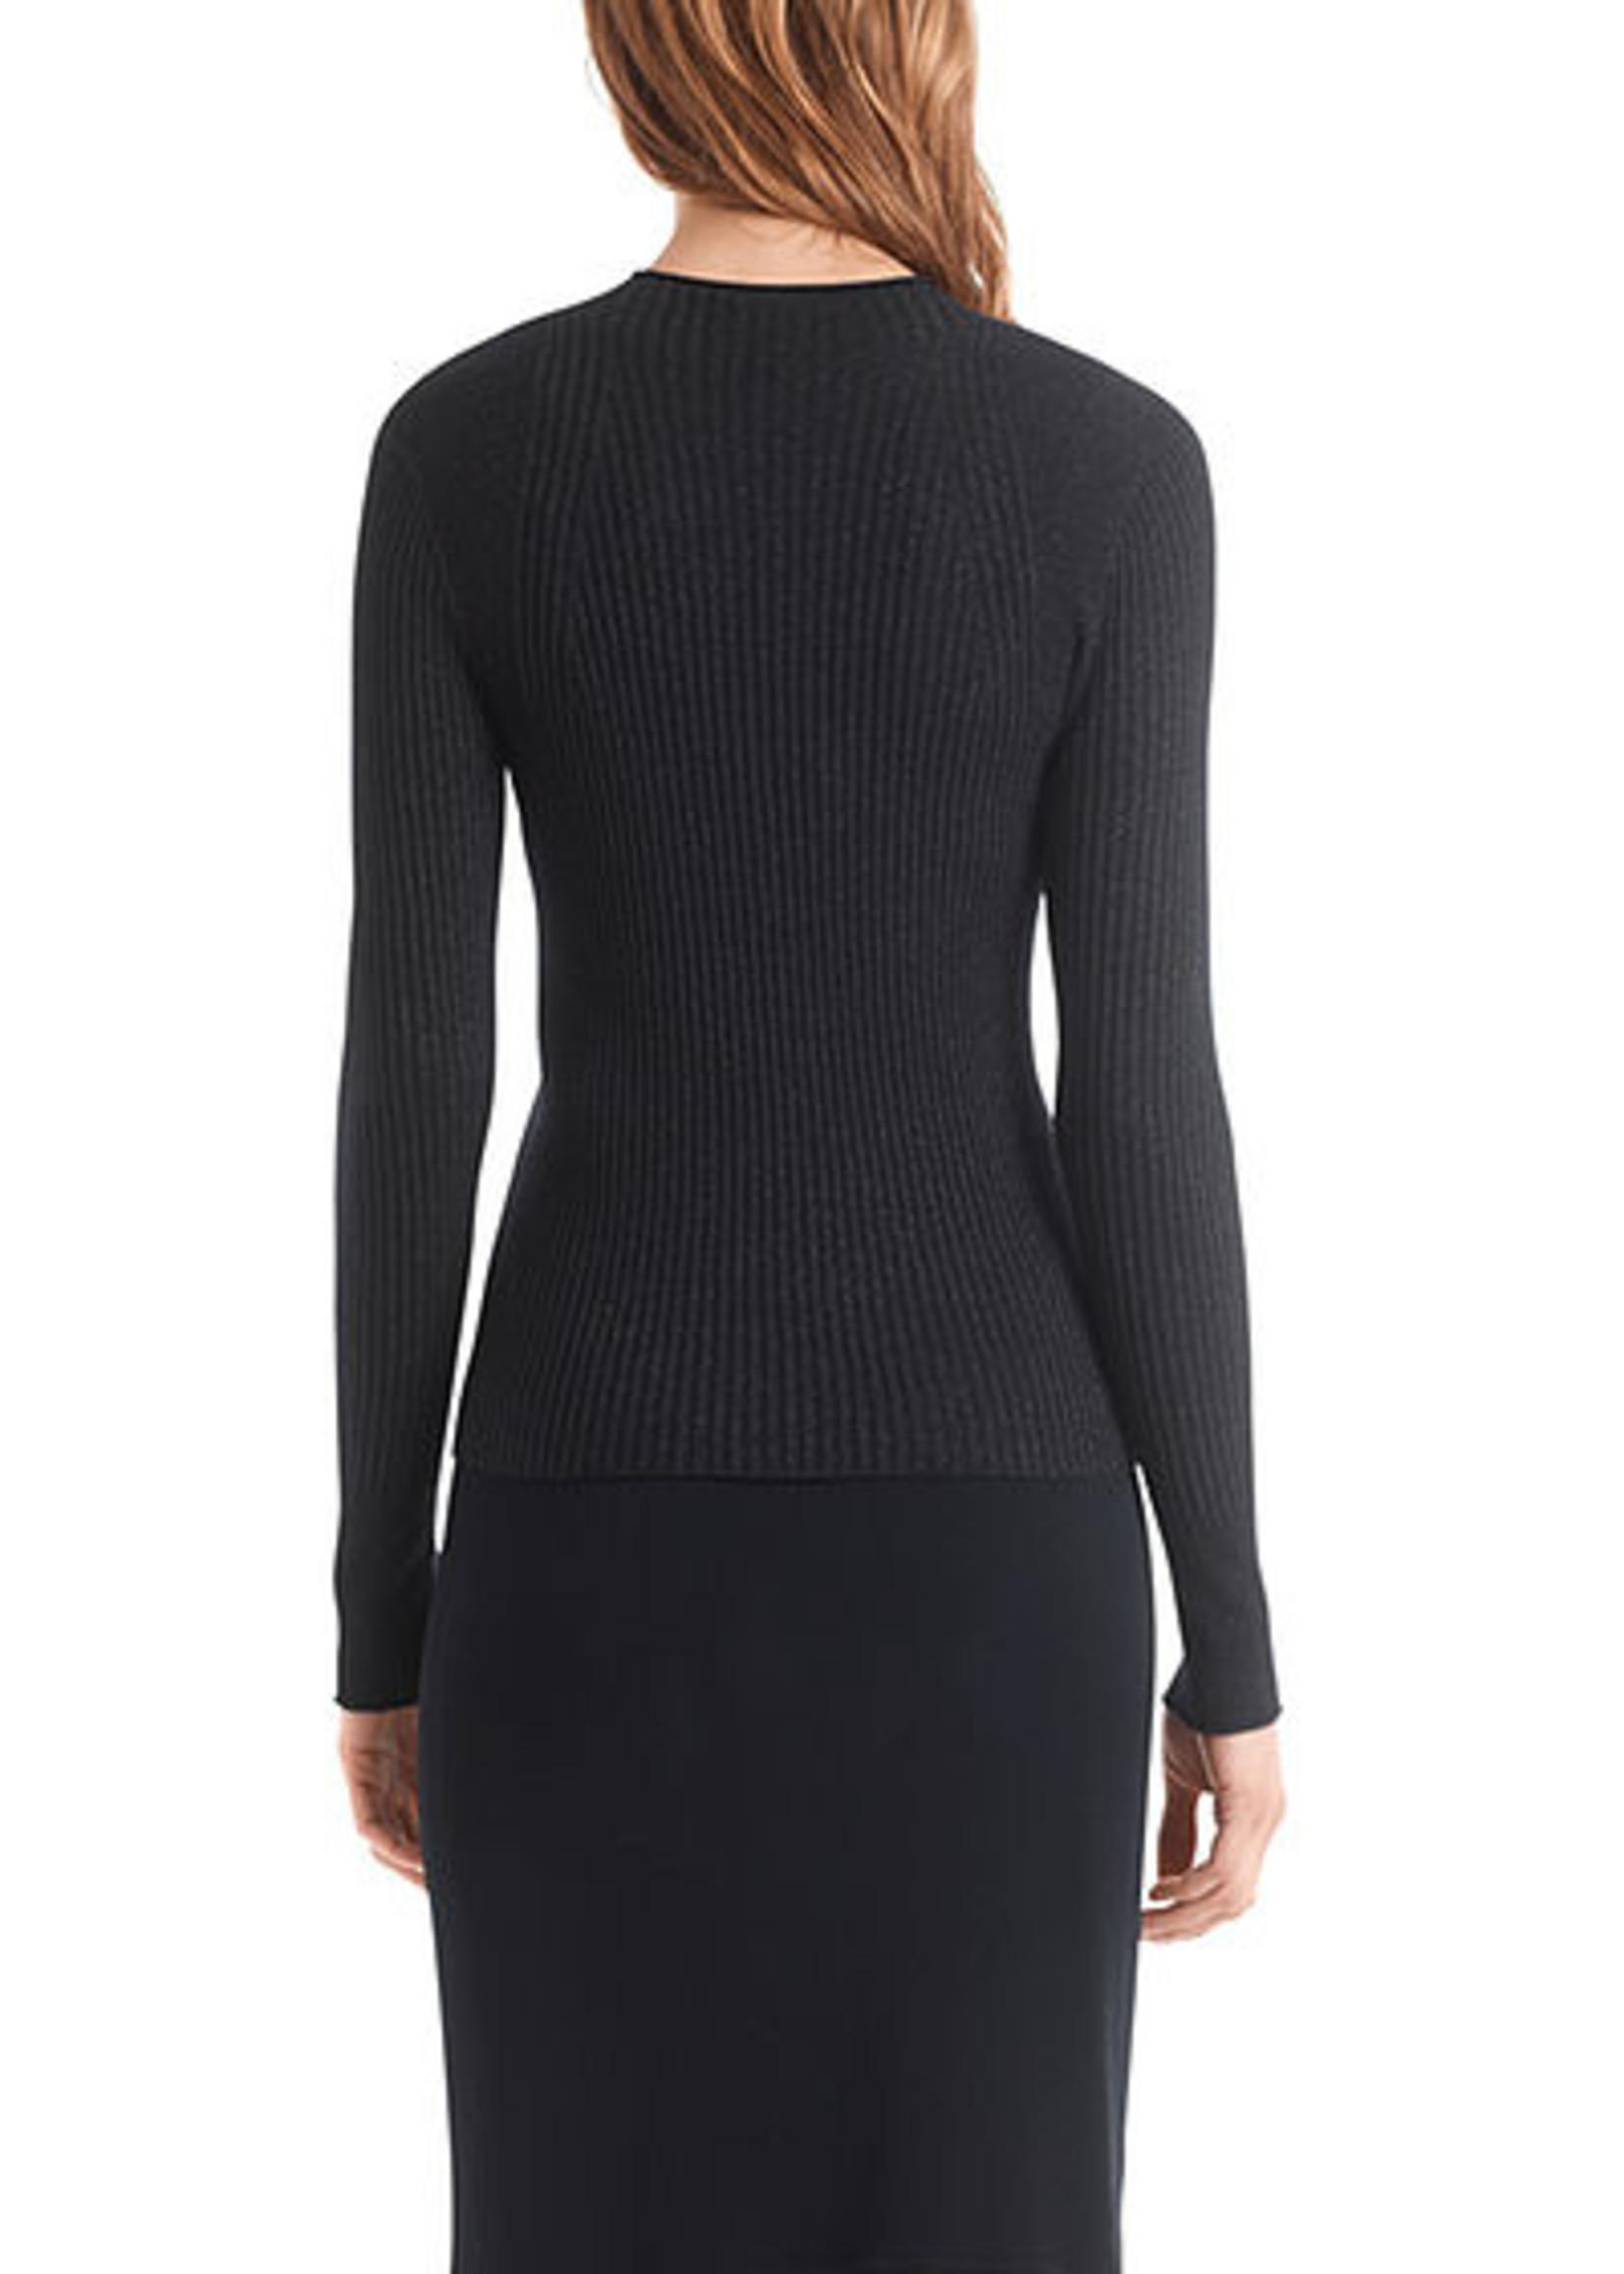 Sweater RC 41.06 M54 midnight blue